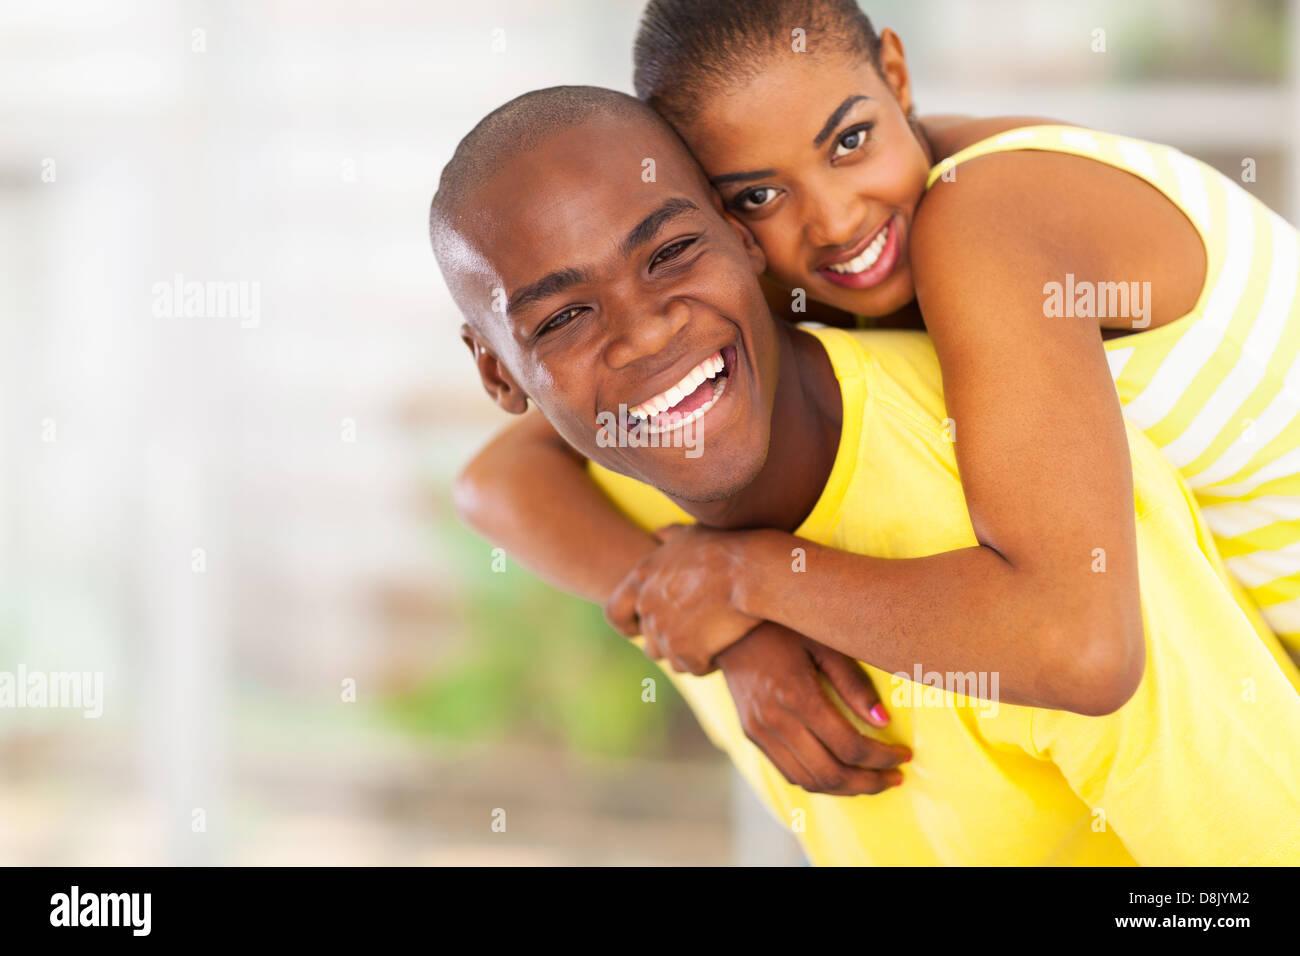 Porträt von verspielten jungen afrikanischen paar Huckepack Stockbild